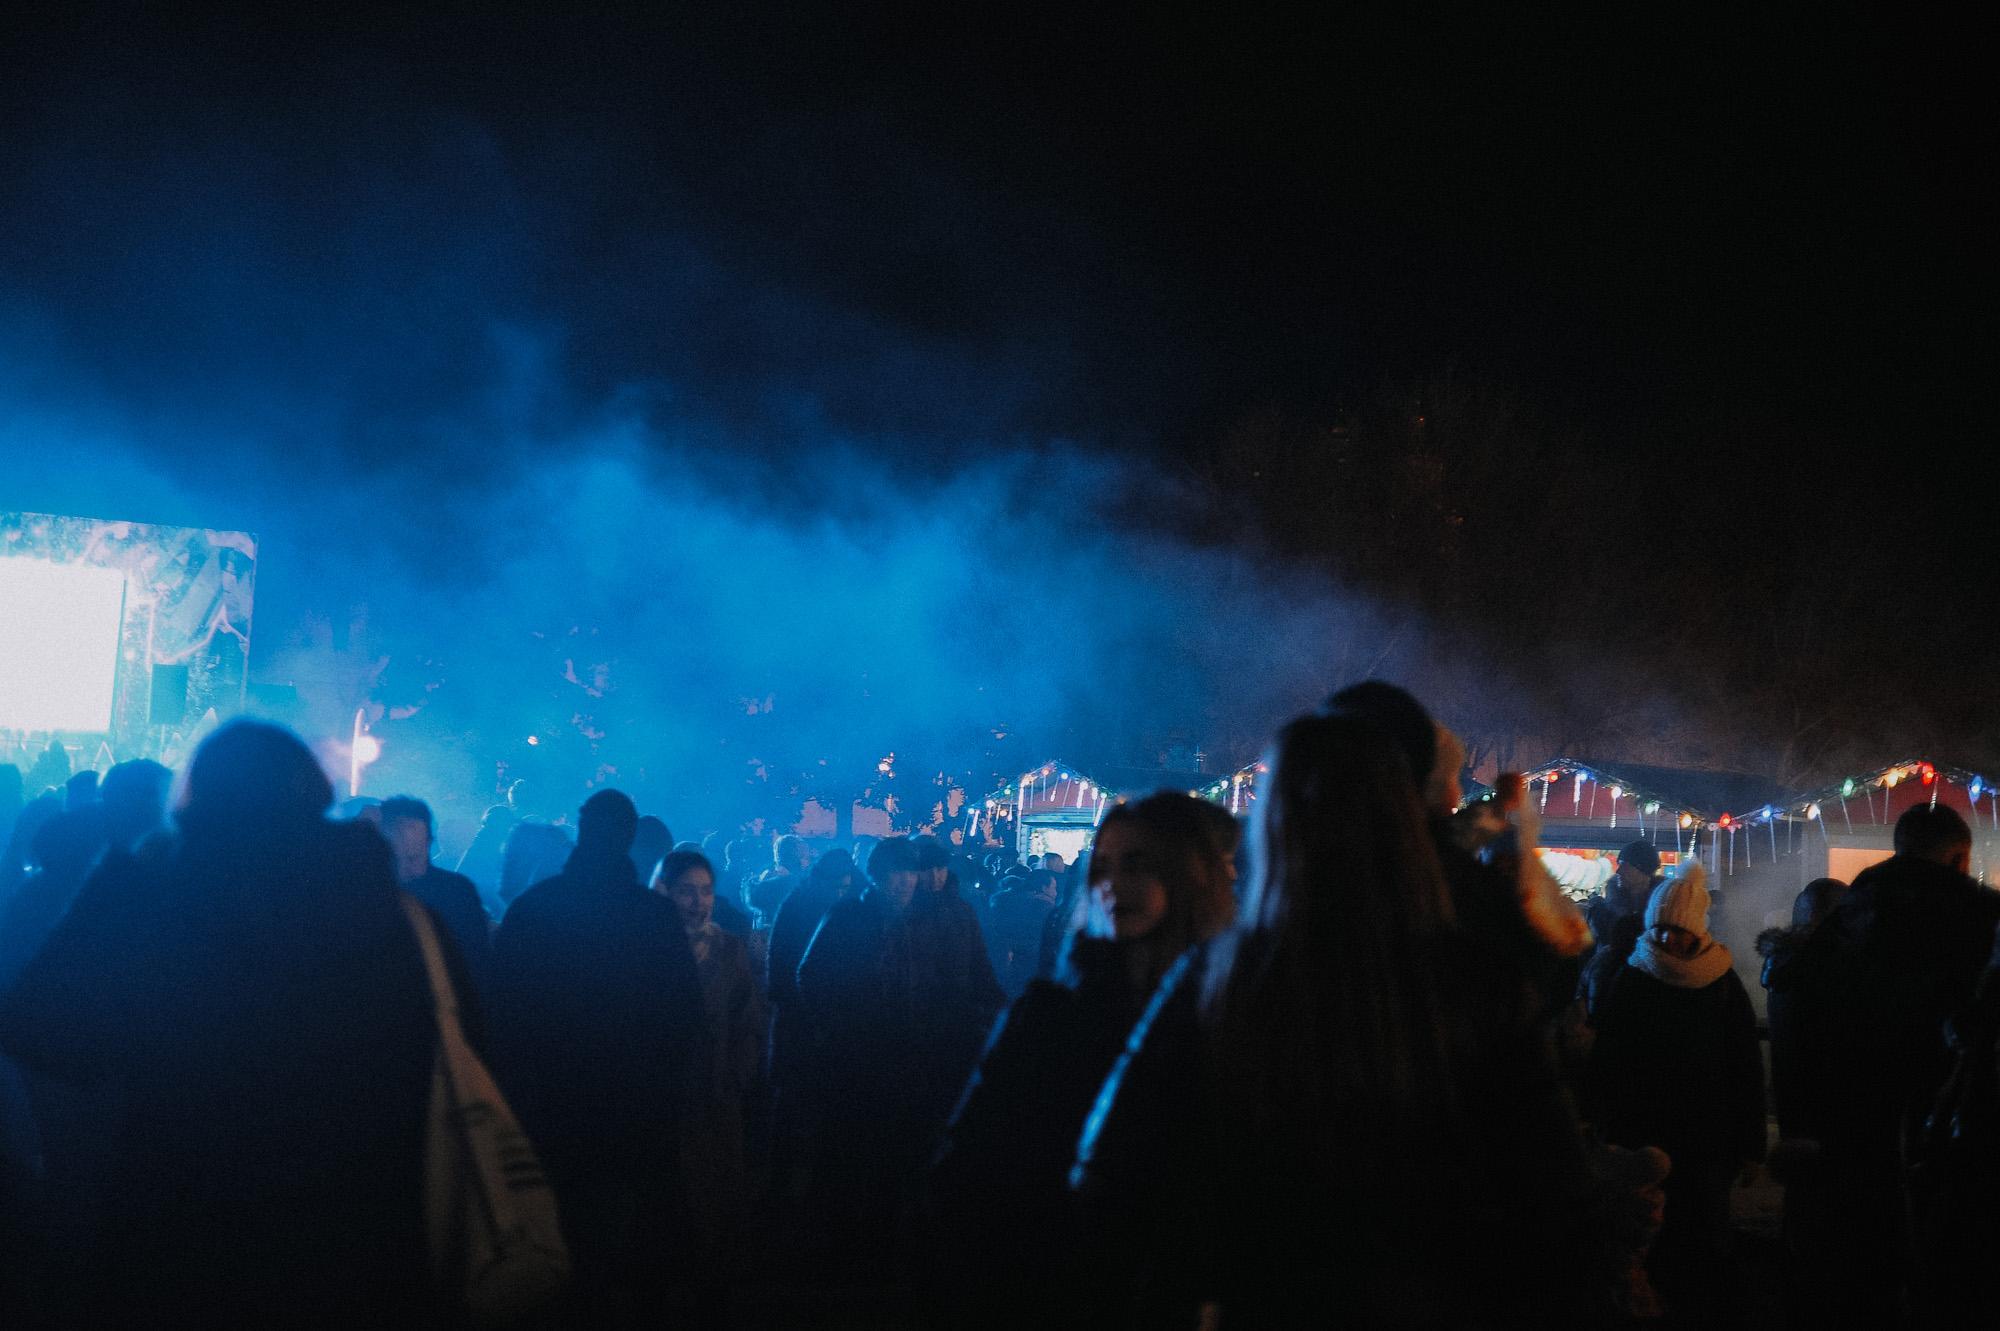 ZZZ 6798 В Астрахани на площади Ленина зажгли новогоднюю елку: кадры торжества